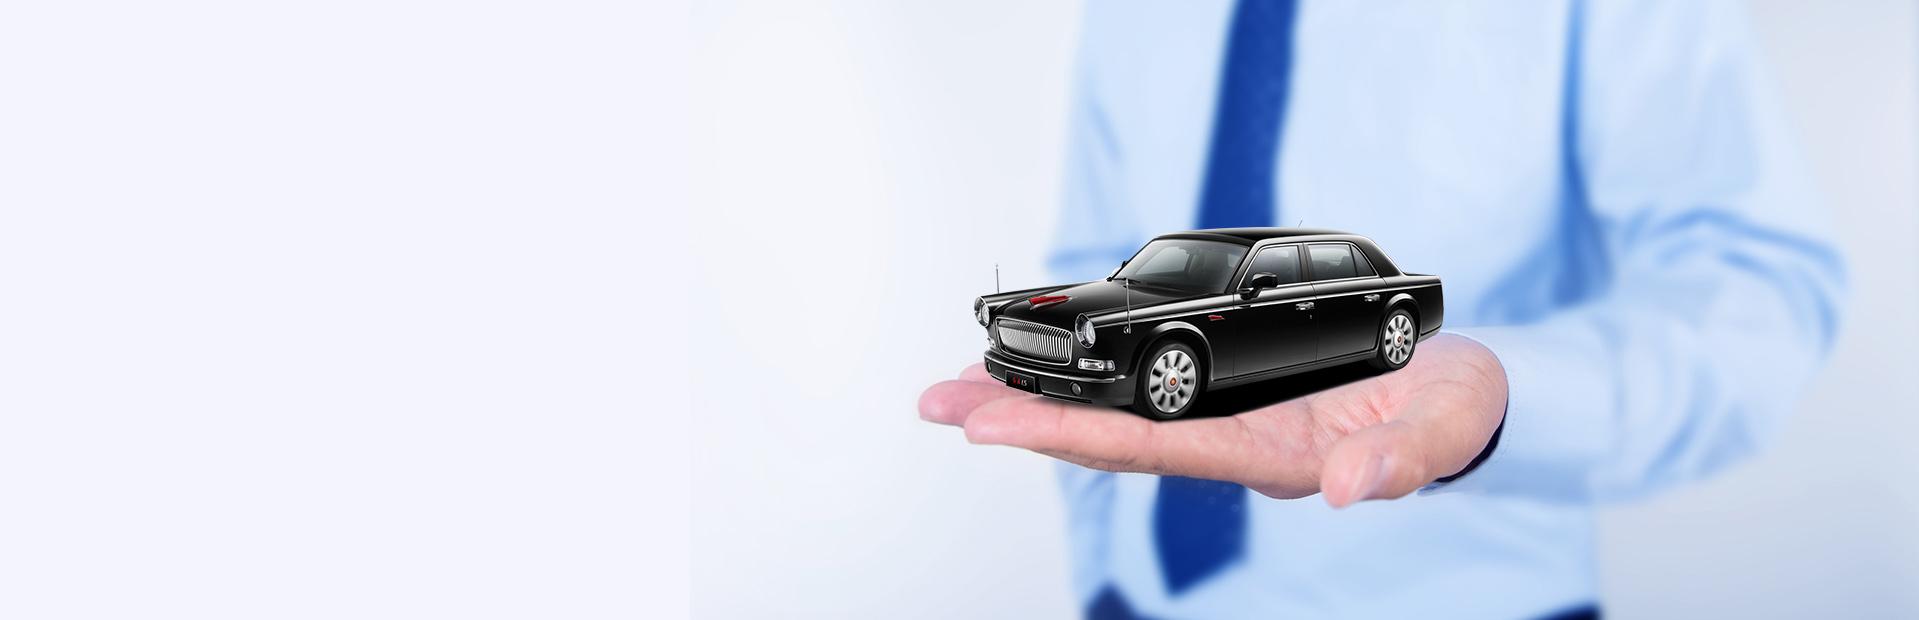 汽车销售与服务